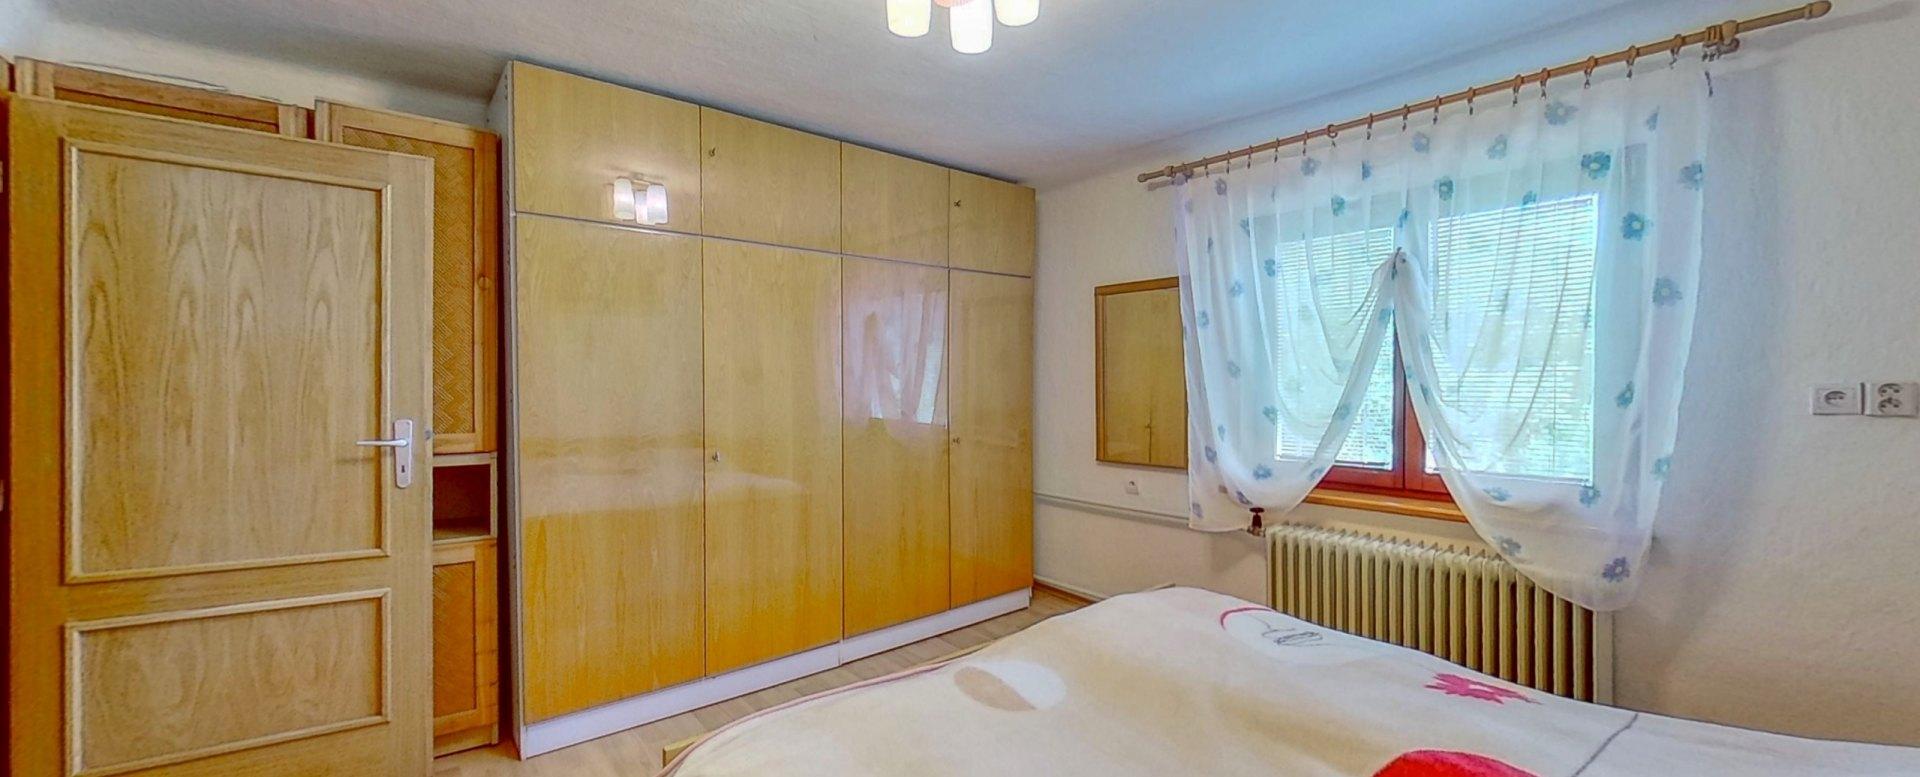 Nábytok v podkrovnej spálni